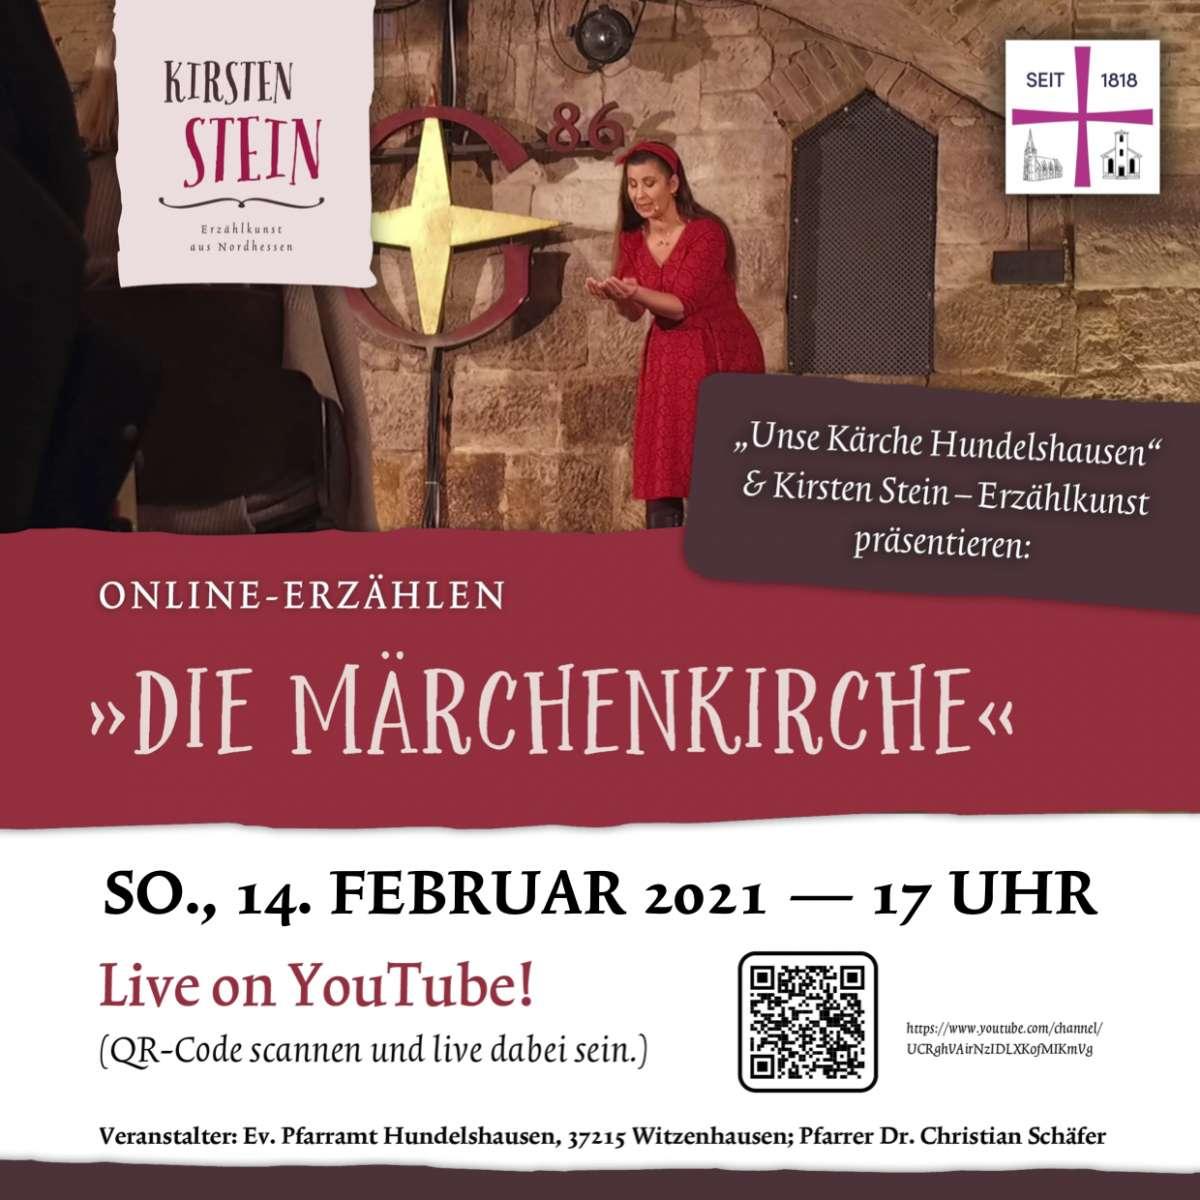 GRIMM und LIEBE - Valentinstag special